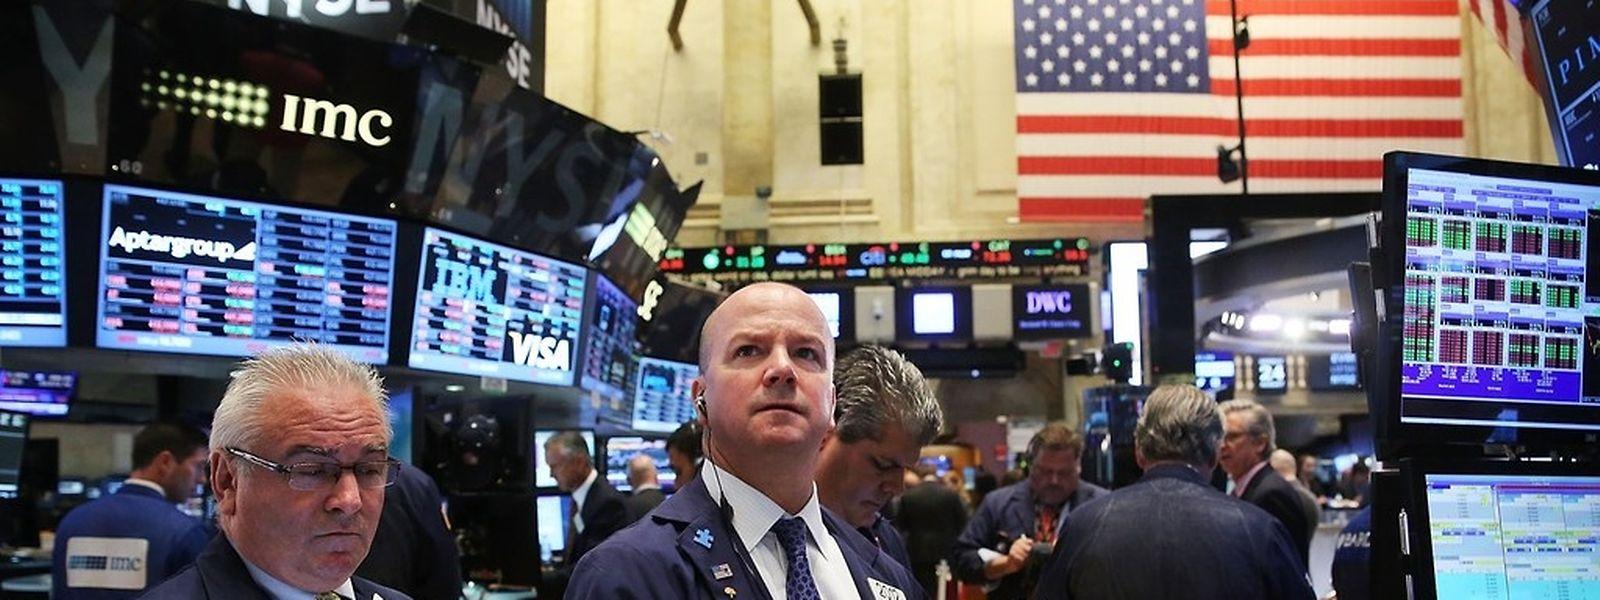 Der Dow Jones Industrial rauschte am Montag wenige Minuten nach Börsenstart um mehr als 6 Prozent in die Tiefe. (Foto: AFP)